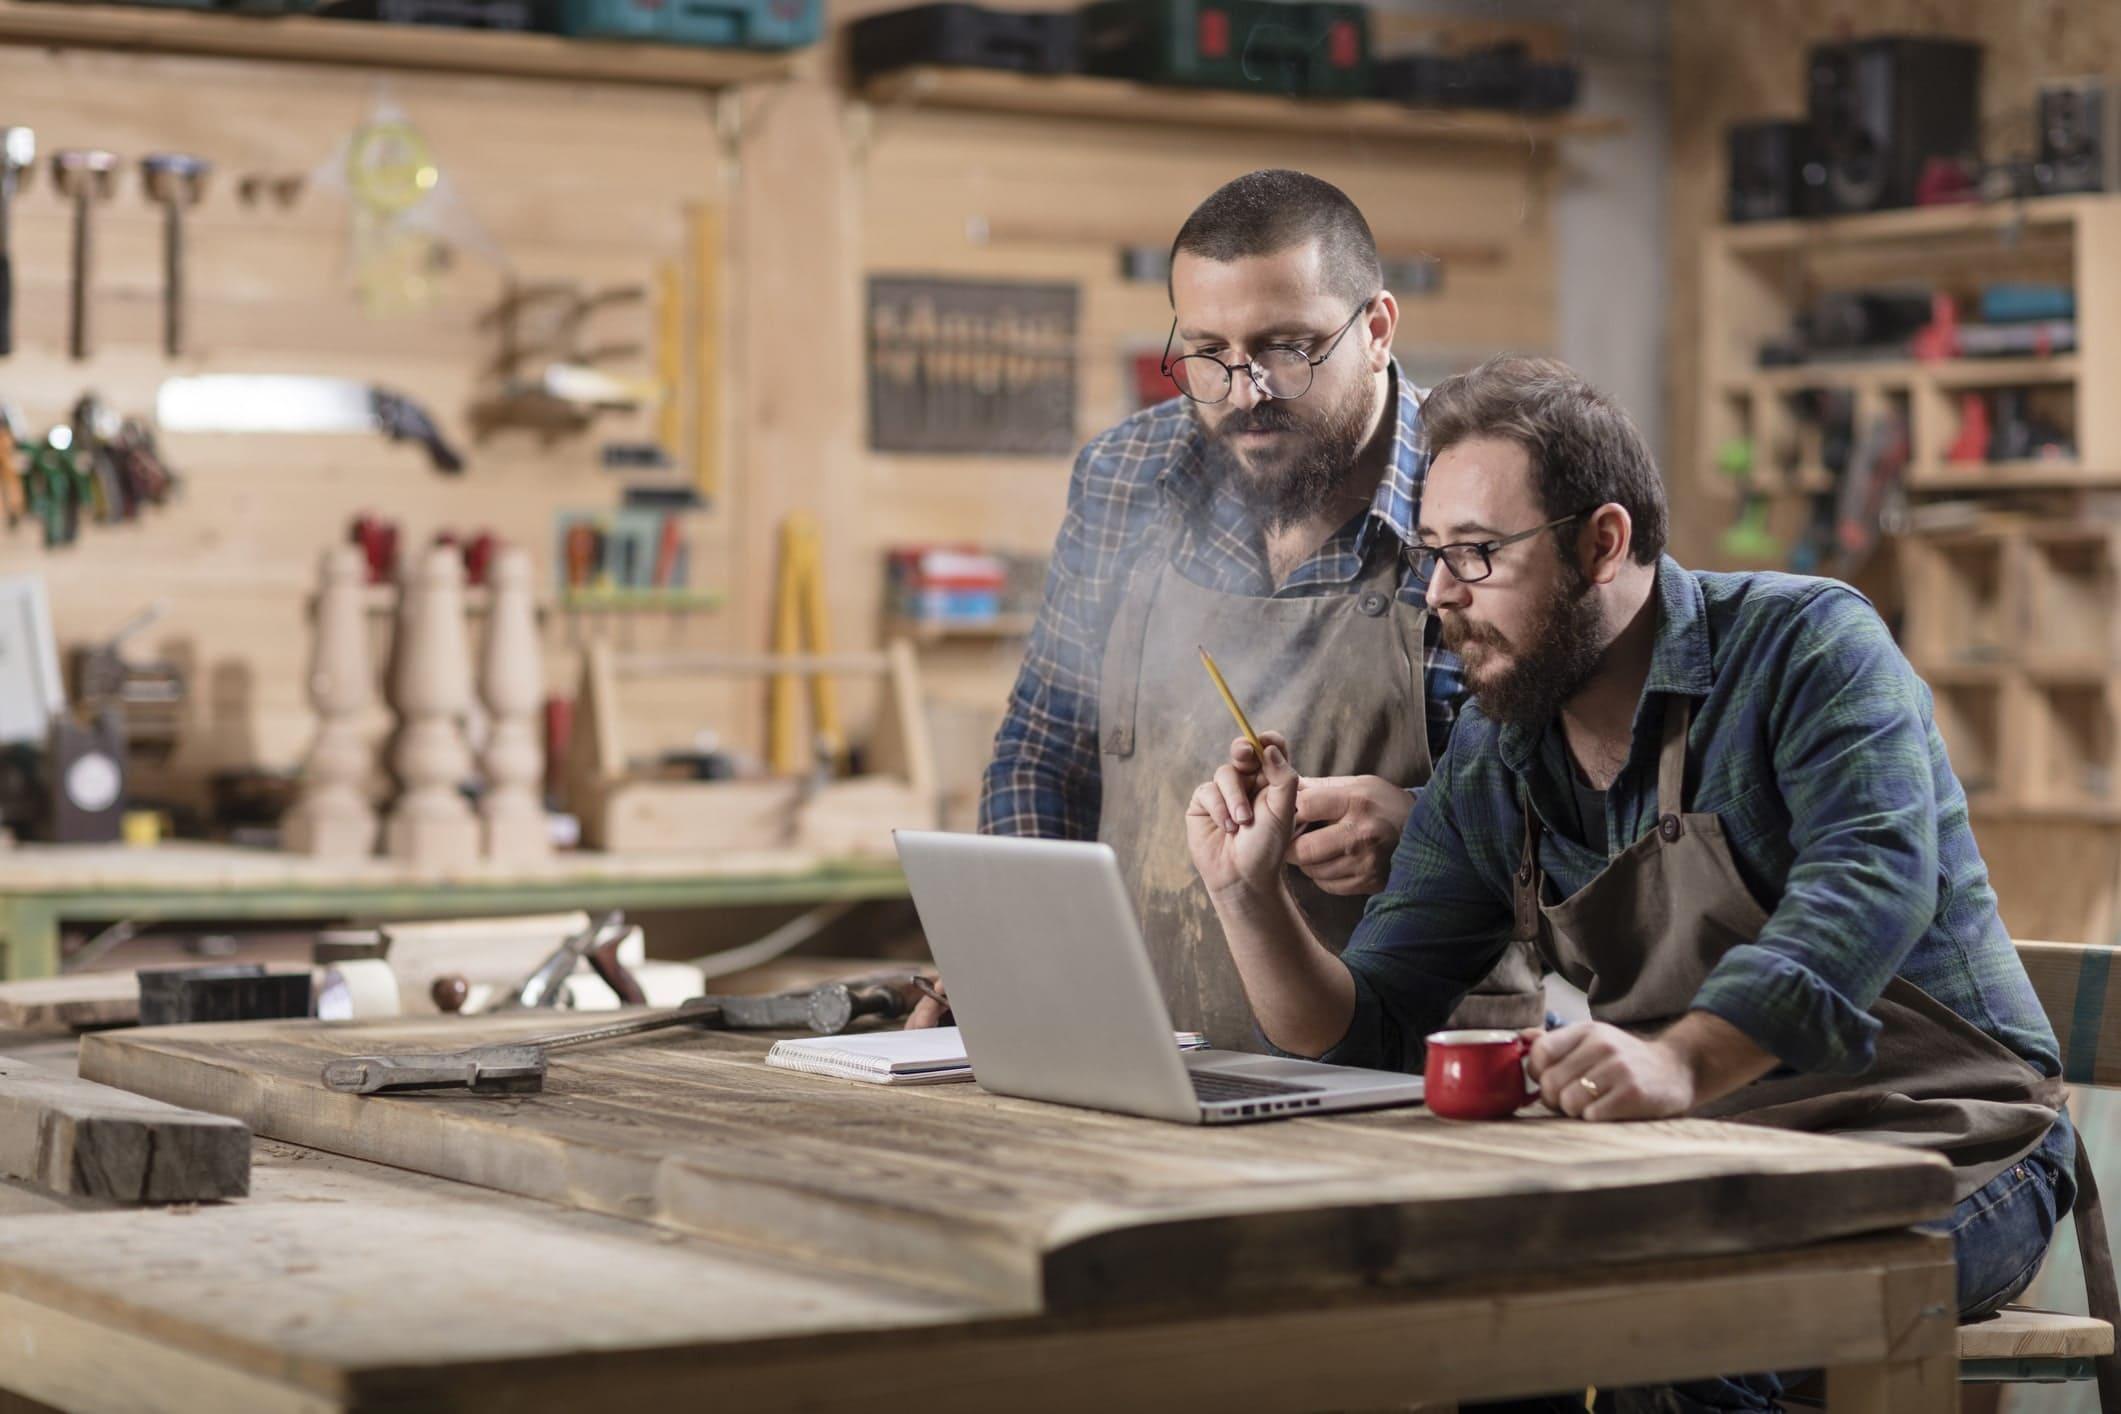 Emprendimiento: ¿Qué equipos de conectividad necesitas para iniciar tu negocio?